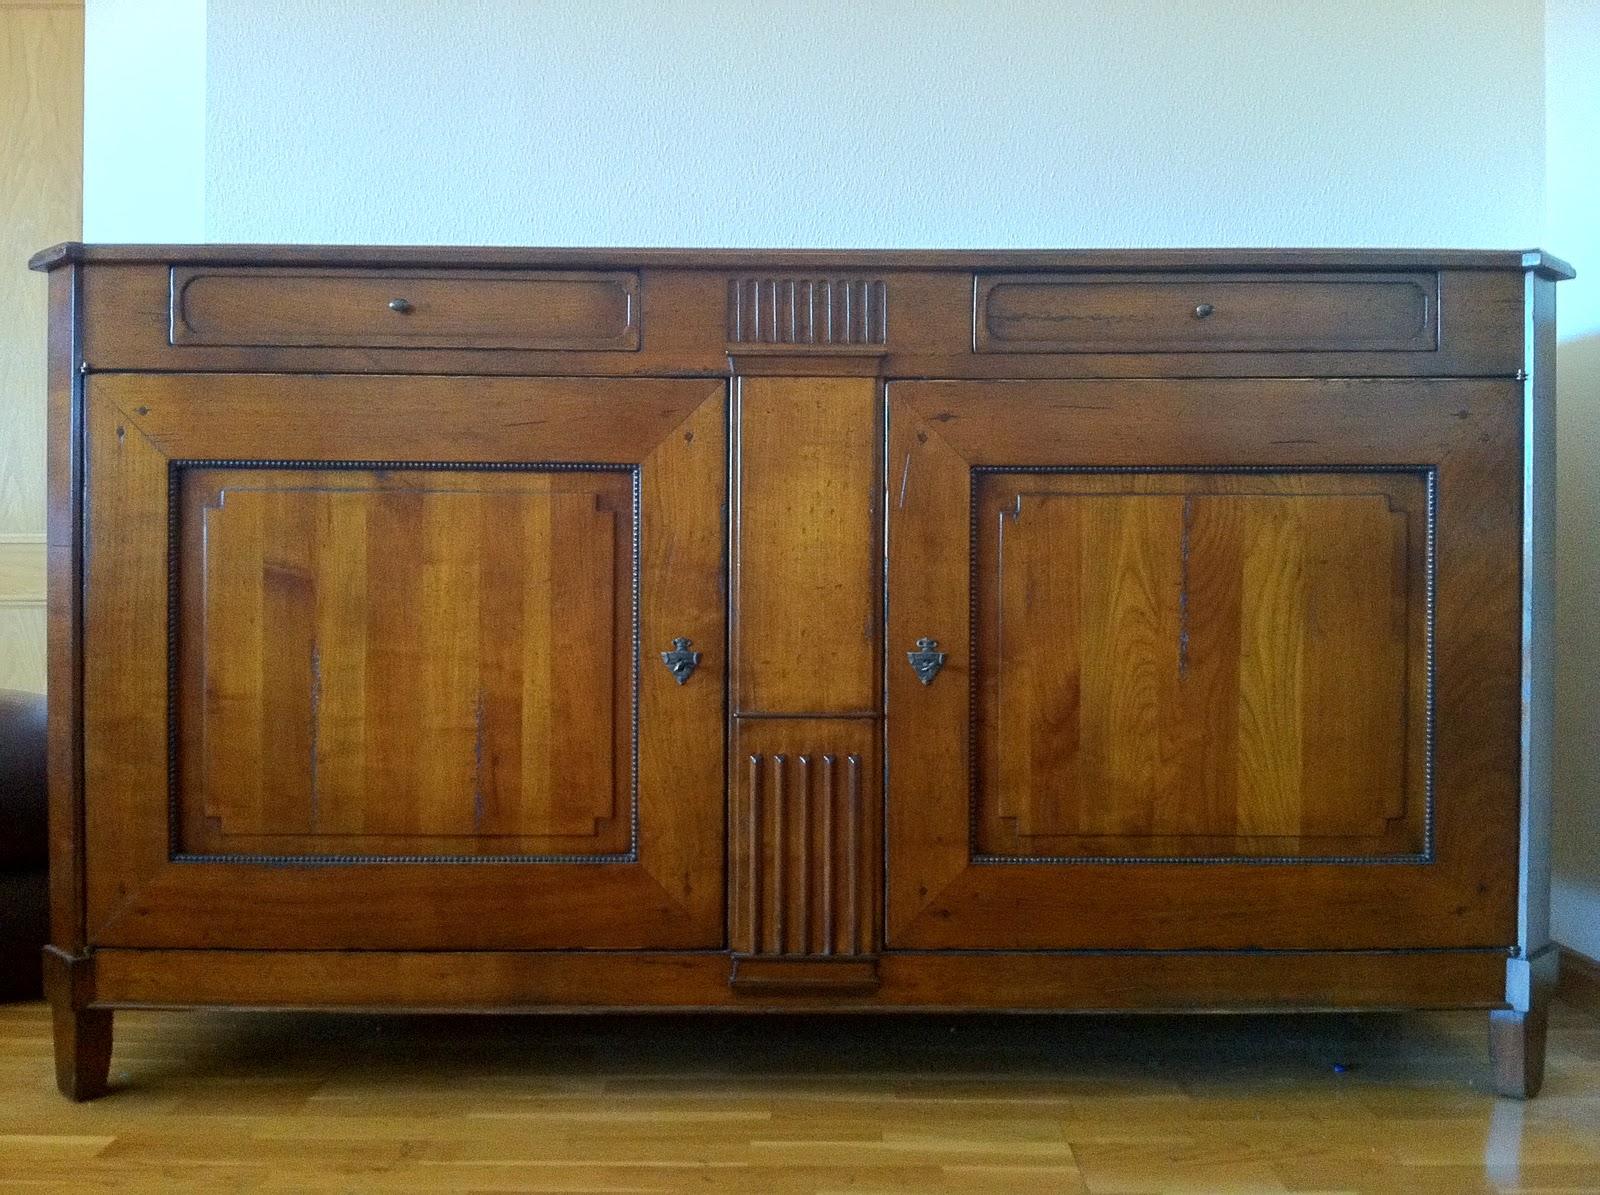 Rota Artesanato Ubatuba ~ Muebles buena calidad, segunda mano APARADOR modelo Luis XVI